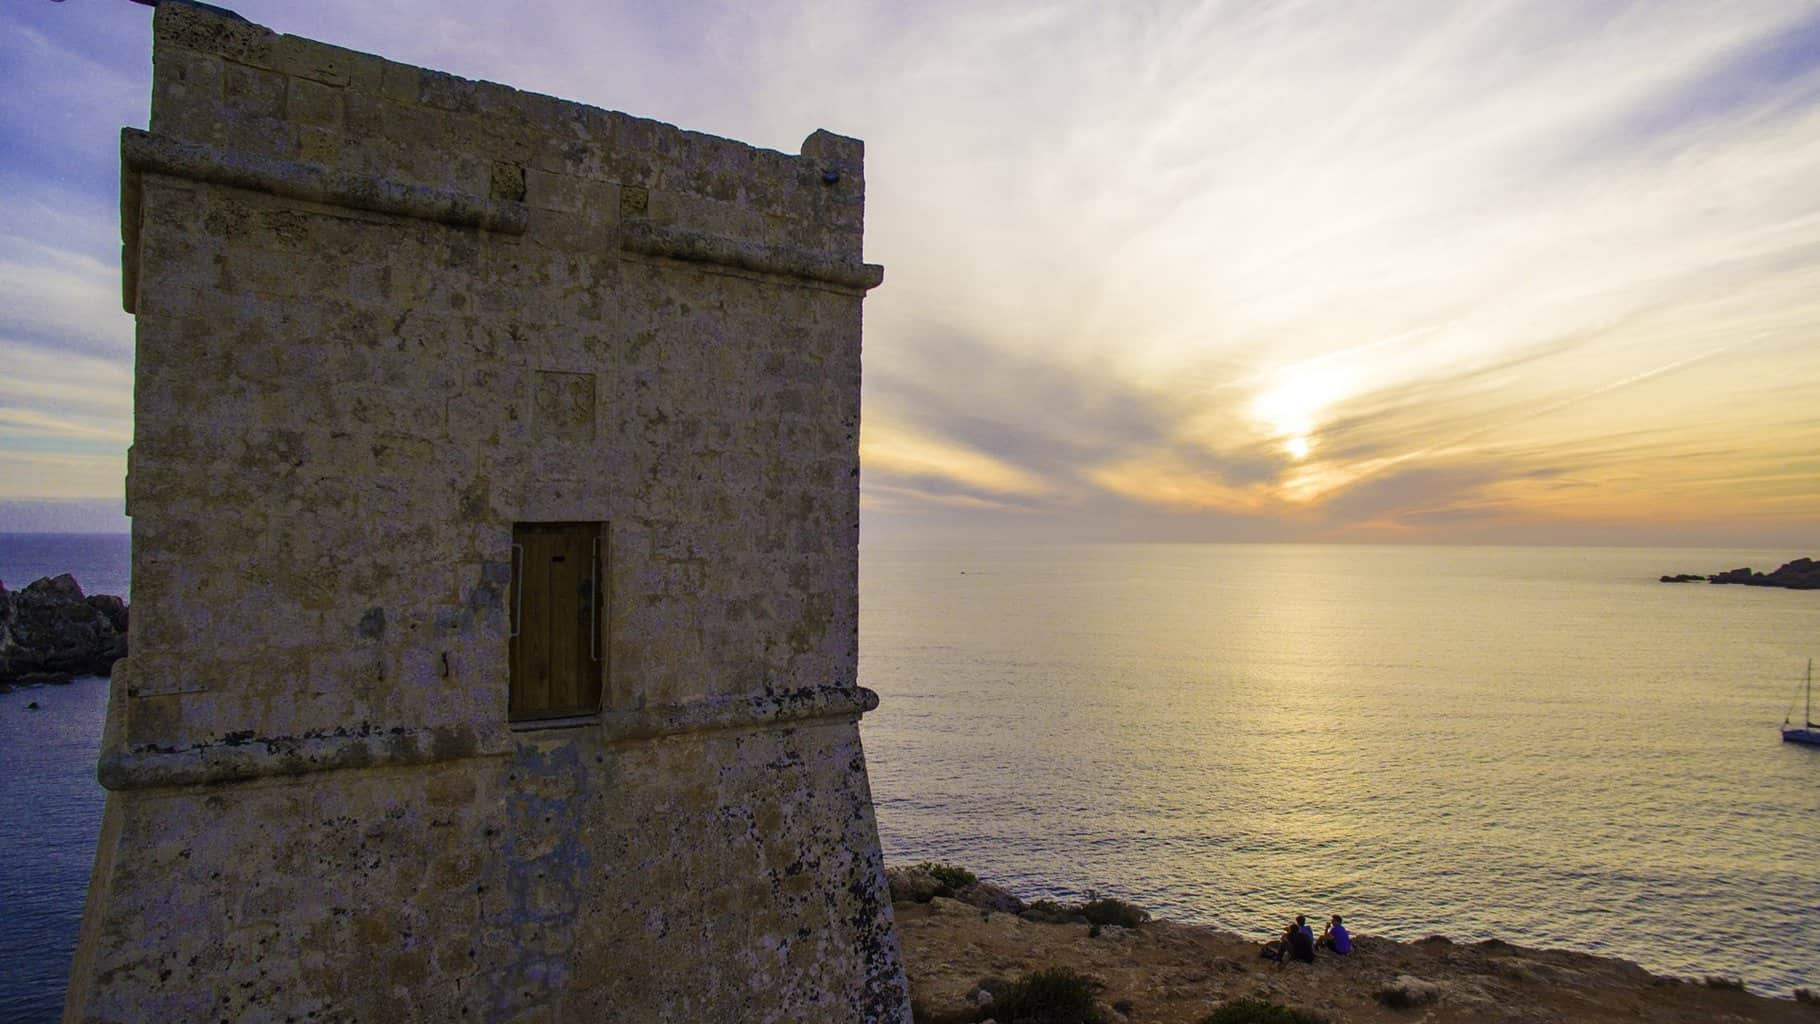 Sunset from Għajn Tuffieħa Tower, Malta.